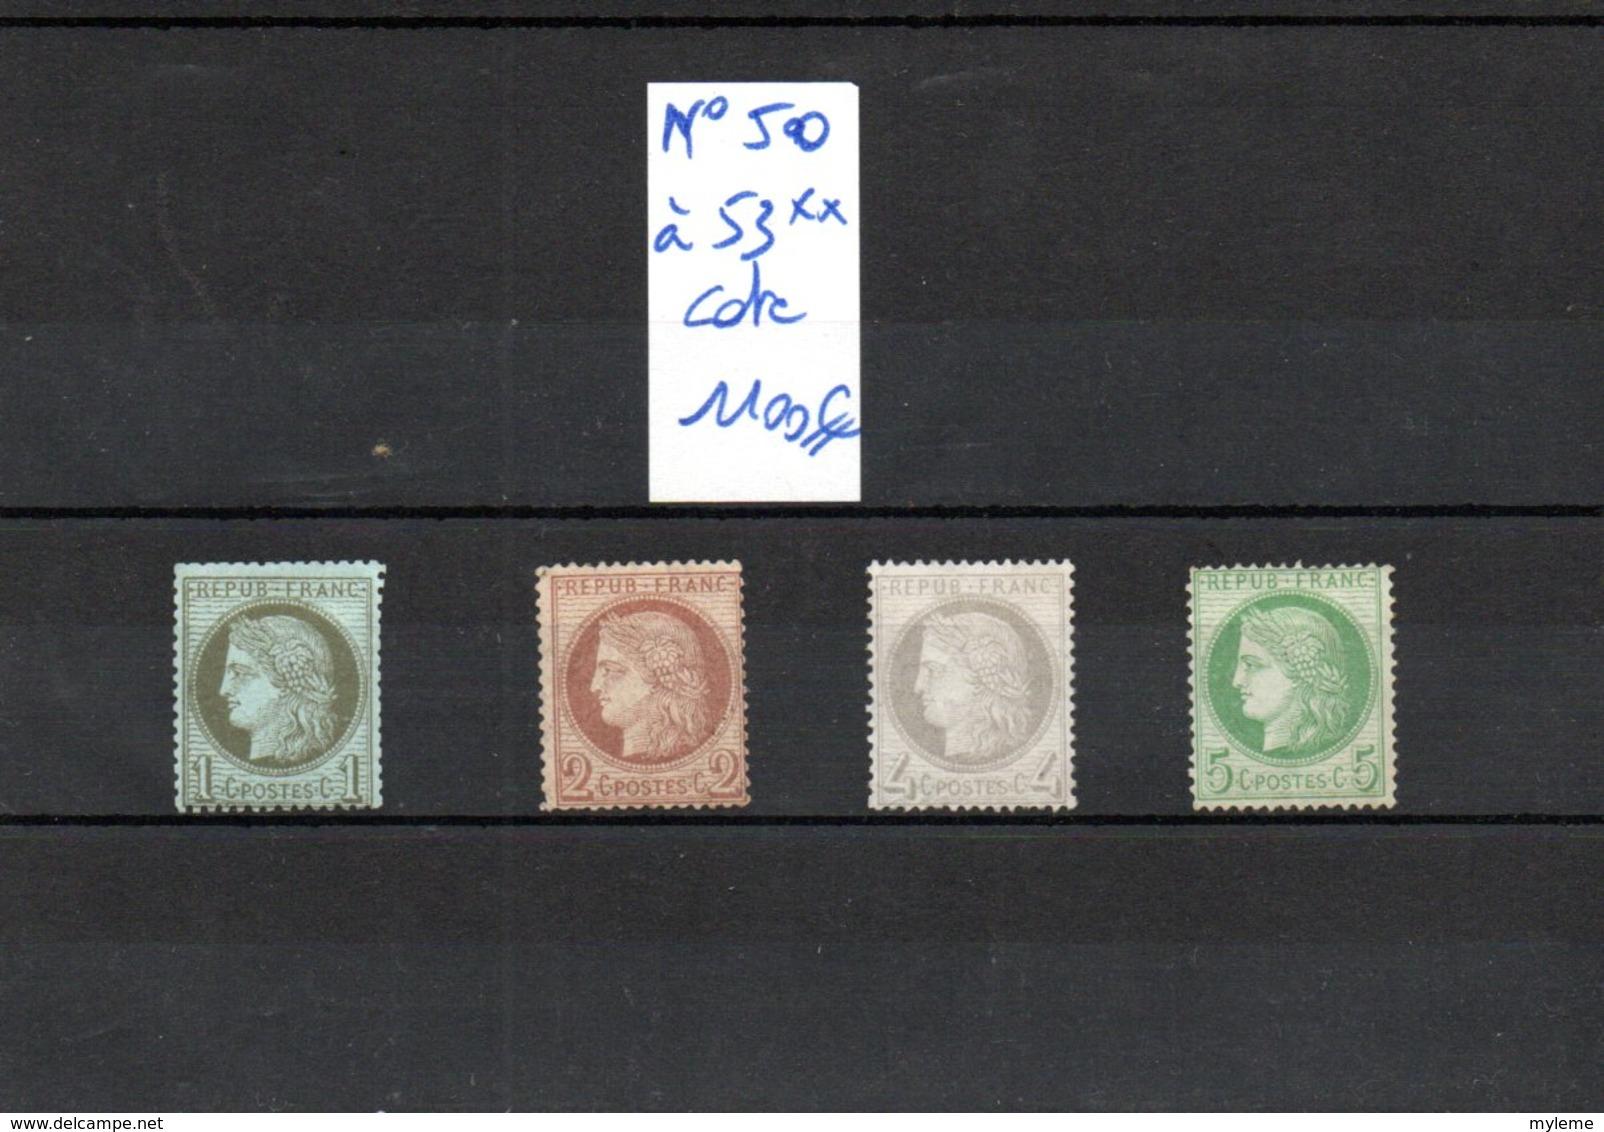 Carton Dont France N° 43A, 50, 53, 54 + 55** +  Préos 26 Et 30 ** + Colis Postaux + Coins Datés, Séries ...Voir Comm !!! - Stamps